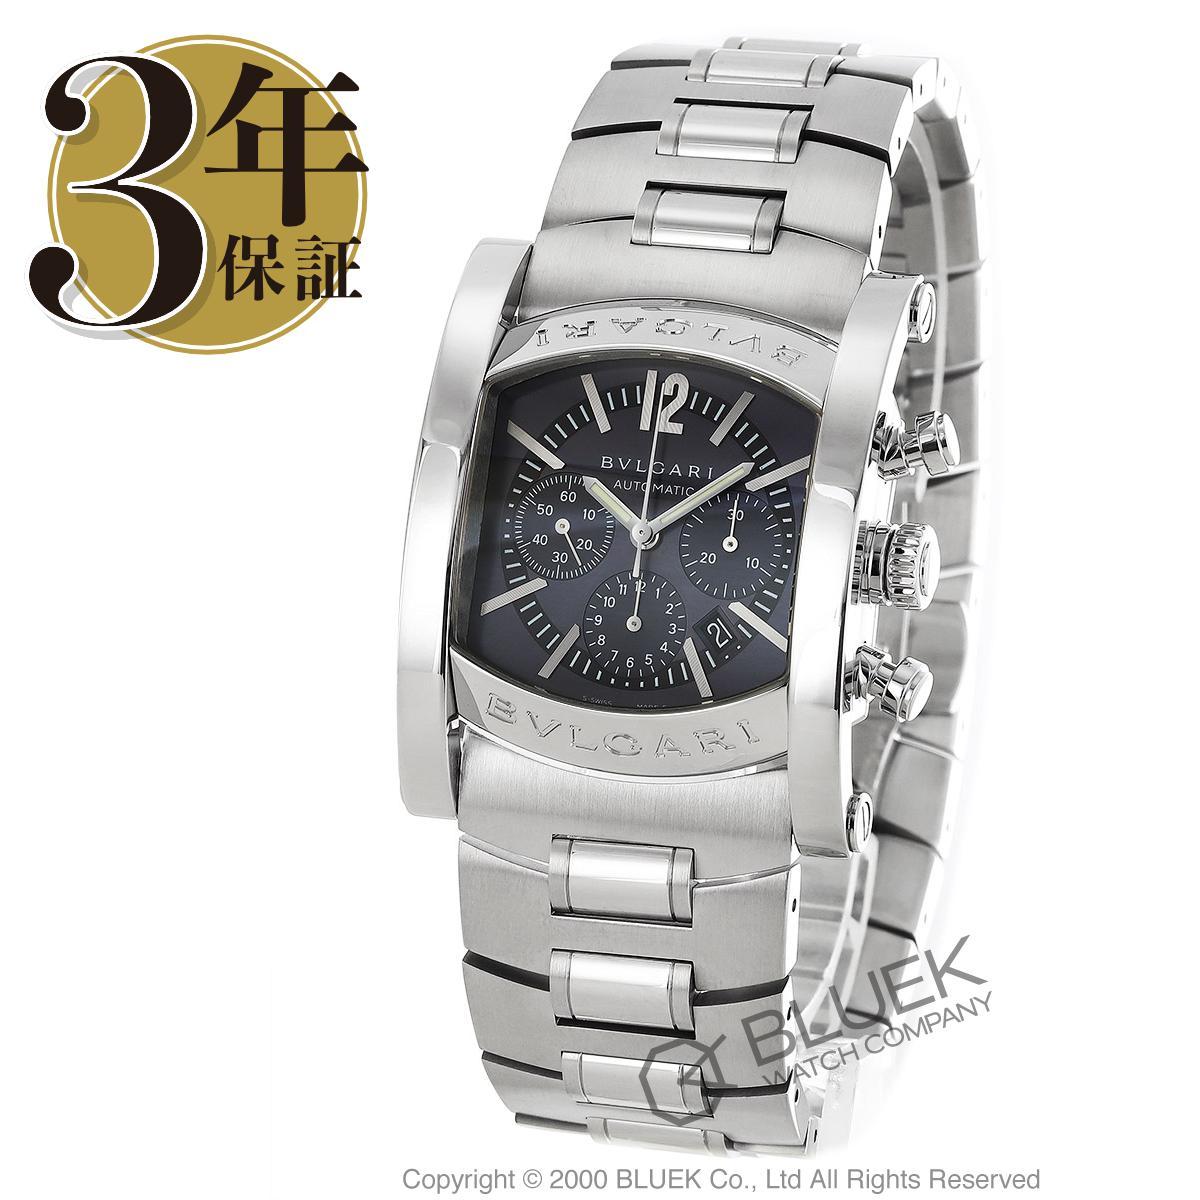 【最大3万円割引クーポン 11/01~】ブルガリ アショーマ クロノグラフ 腕時計 メンズ BVLGARI AA44C14SSDCH_8